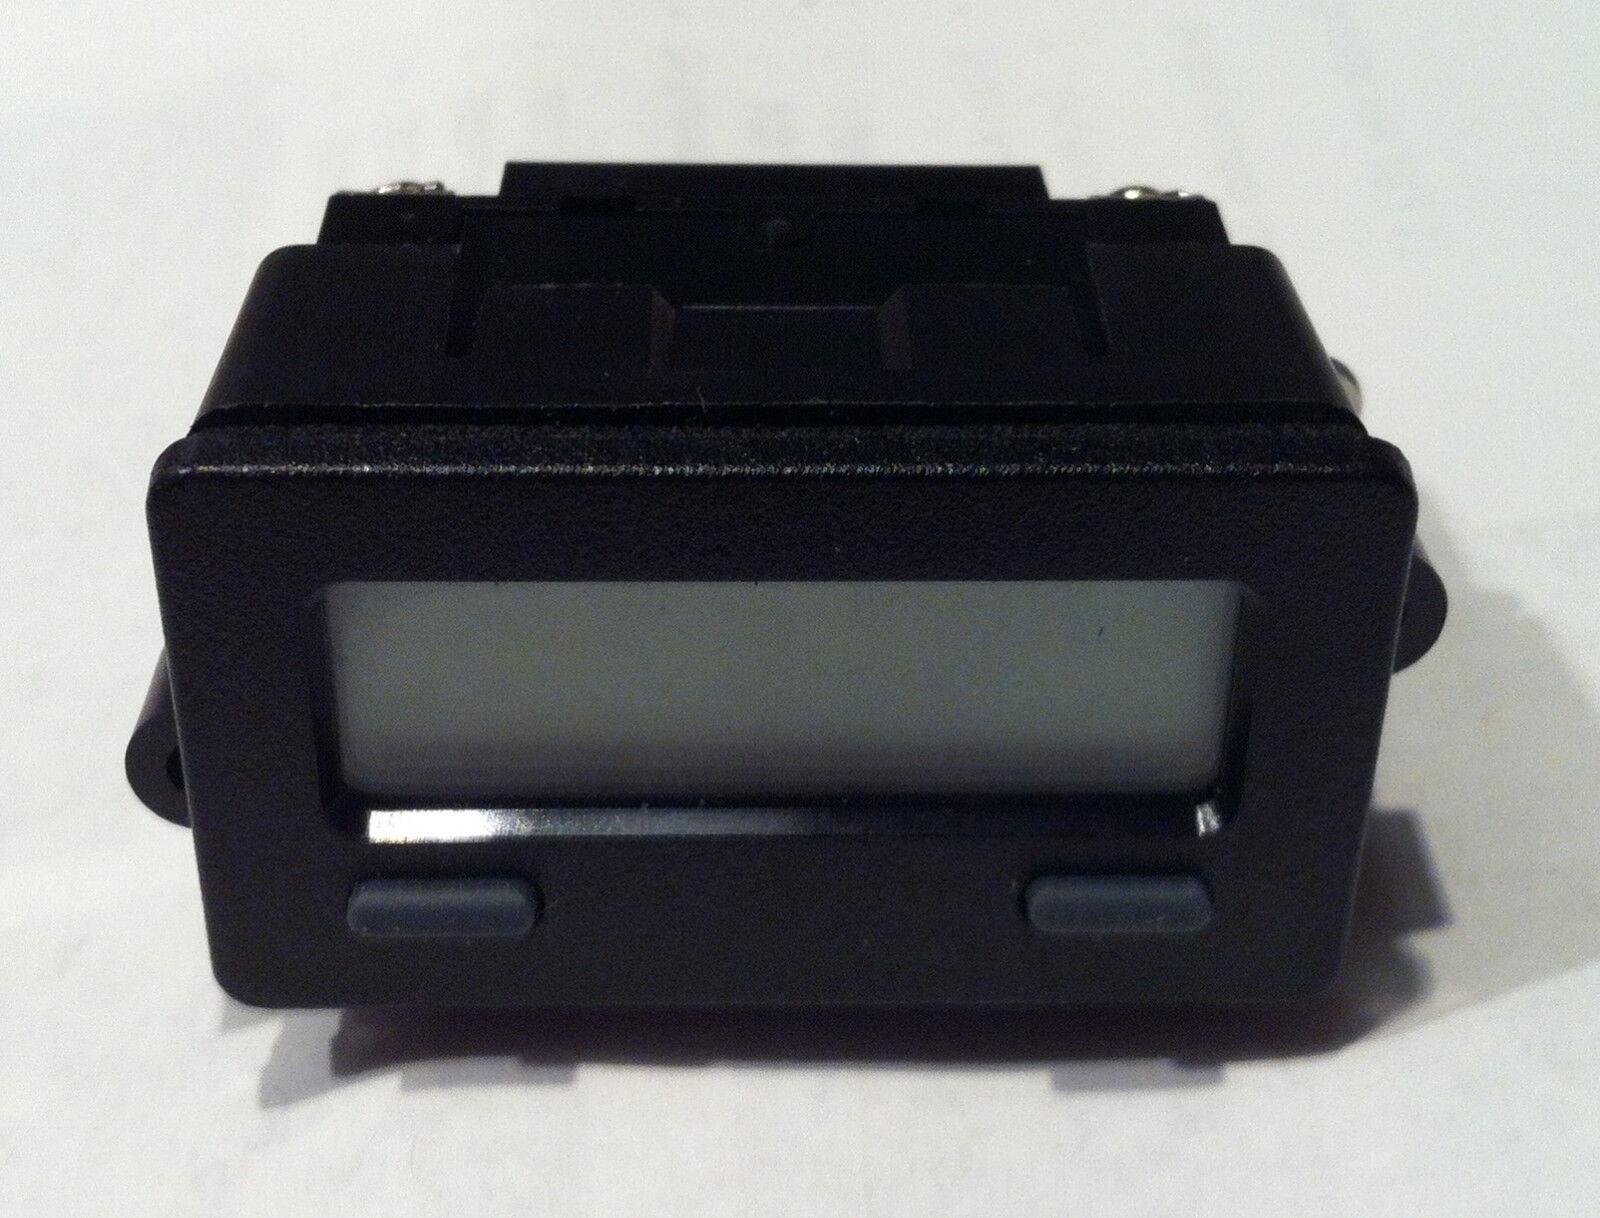 rot LION Controls CUB7P000 Impulszähler, Lithium- Batterie, 0 - 99999999